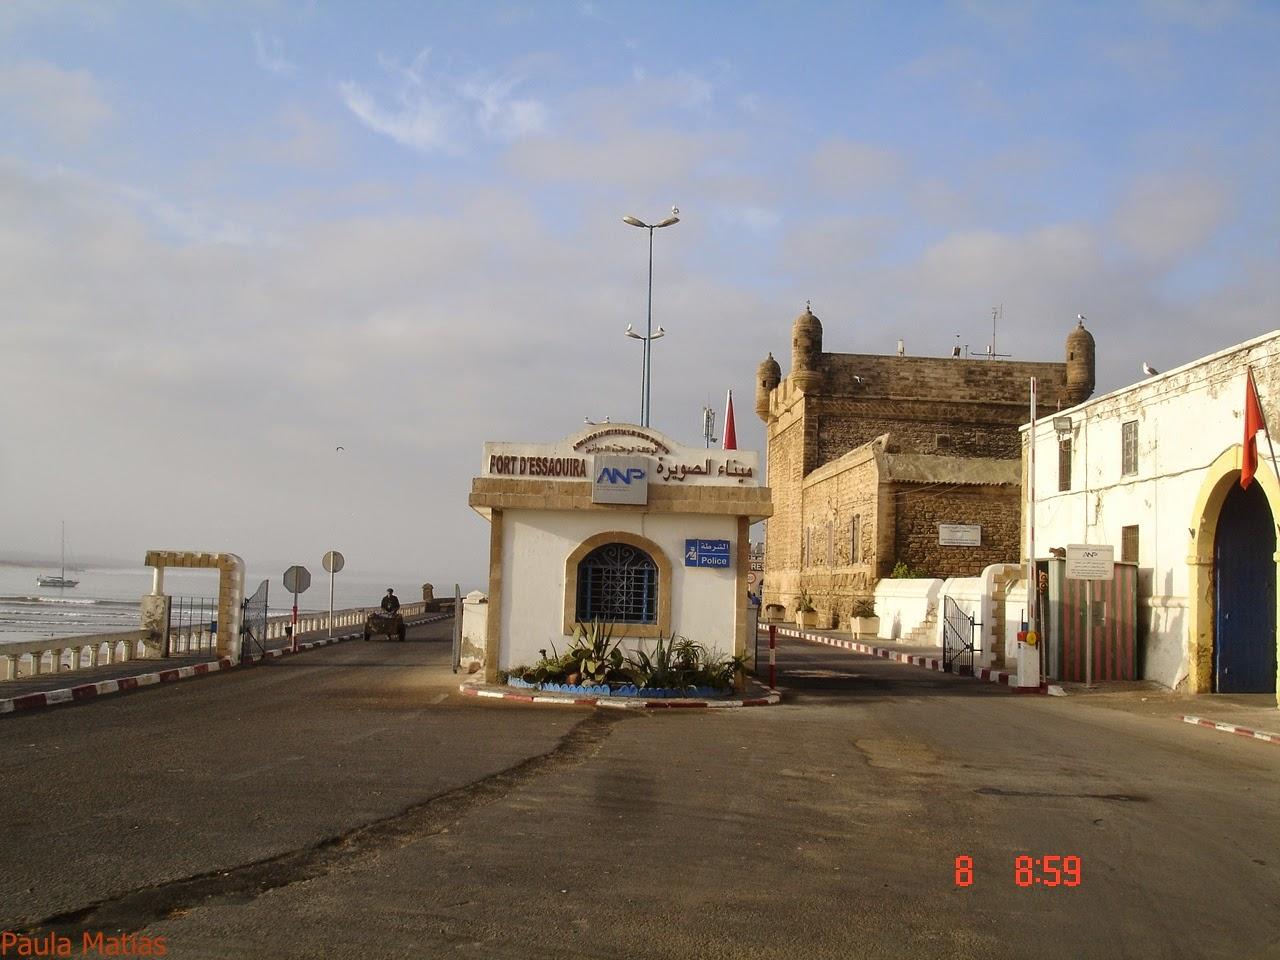 marrocos - Marrocos 2014 - O regresso  Proxy?url=http%3A%2F%2F3.bp.blogspot.com%2F-VuQAVduvcBo%2FVFEXYfaHHyI%2FAAAAAAAAD28%2F4ePuvGUk17Q%2Fs1600%2FDSC03307_new